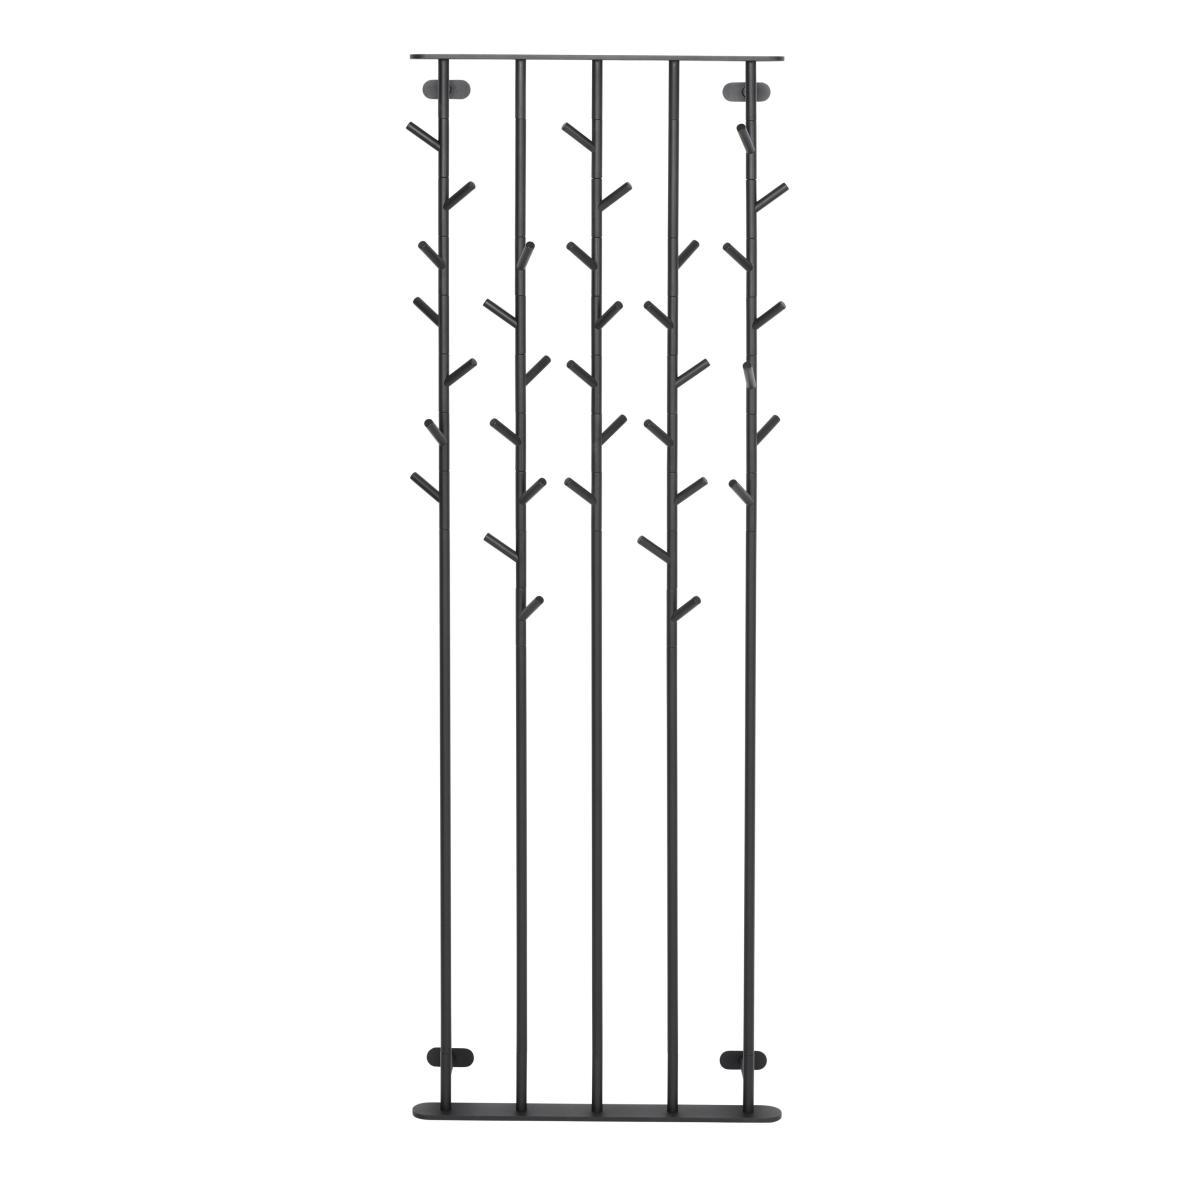 SUMI Wandgarderobe 65 cm breit, schwarz